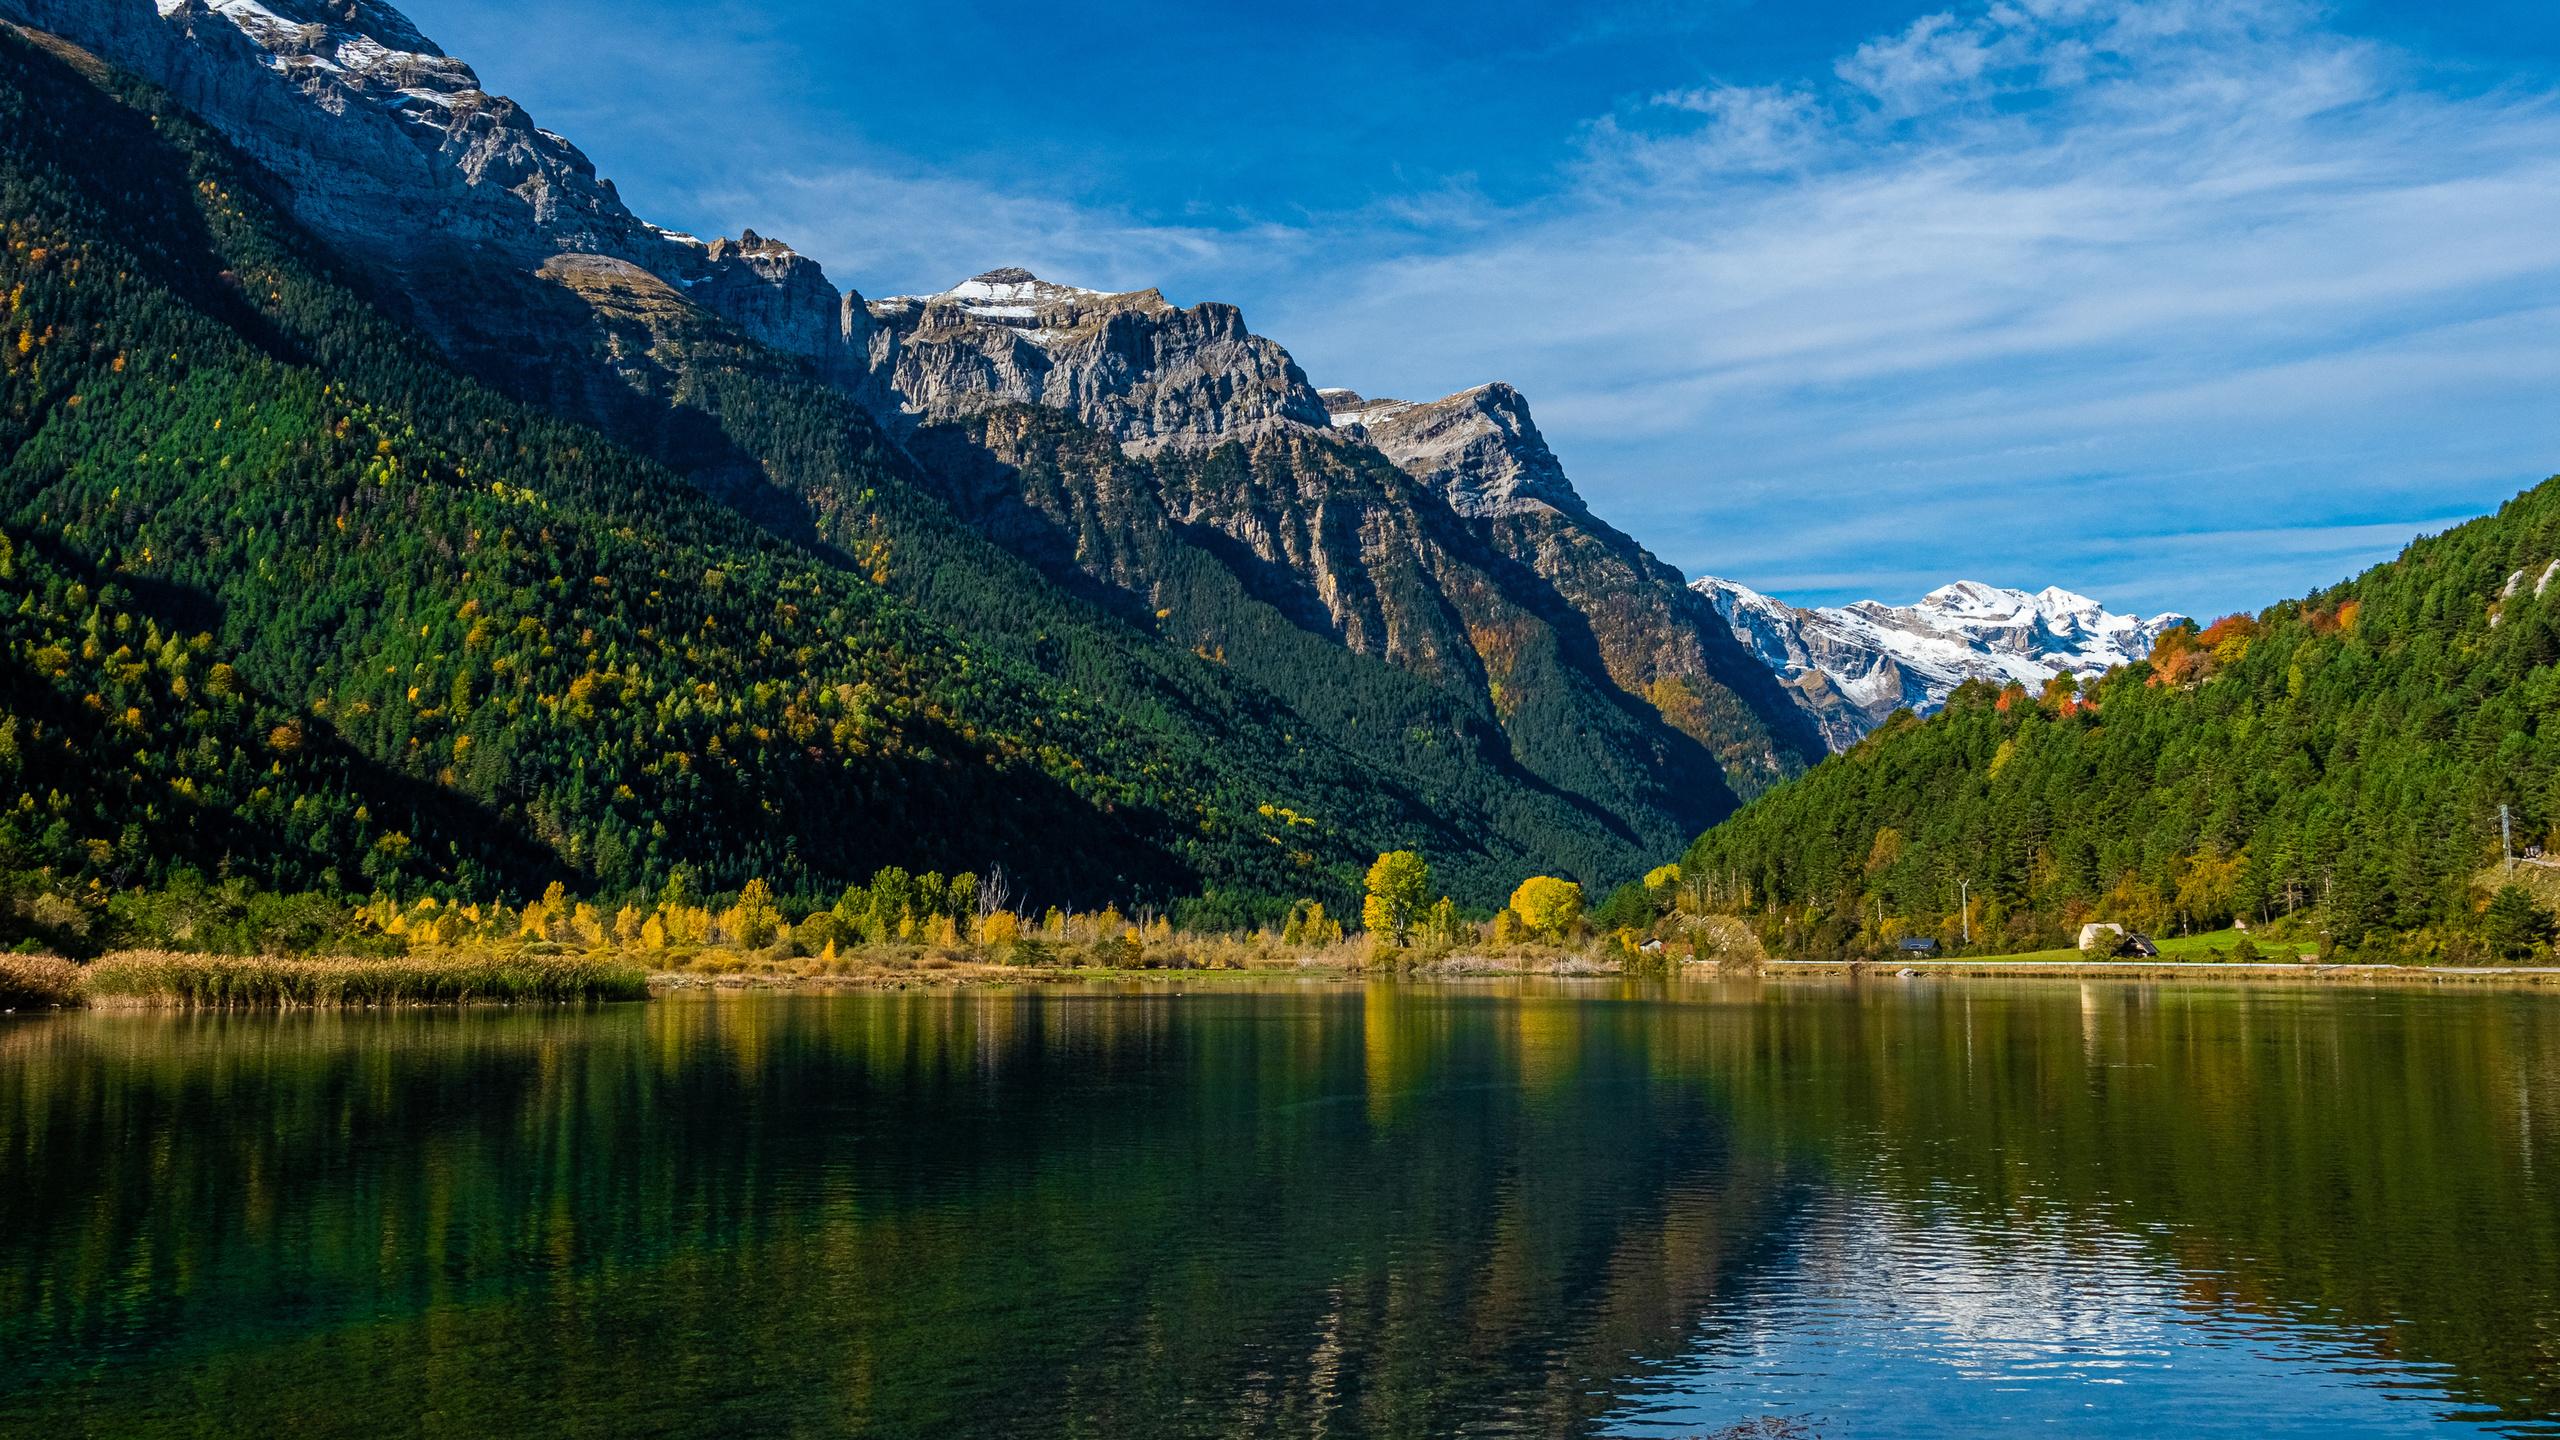 испания, горы, озеро, лес, pirineos, природа